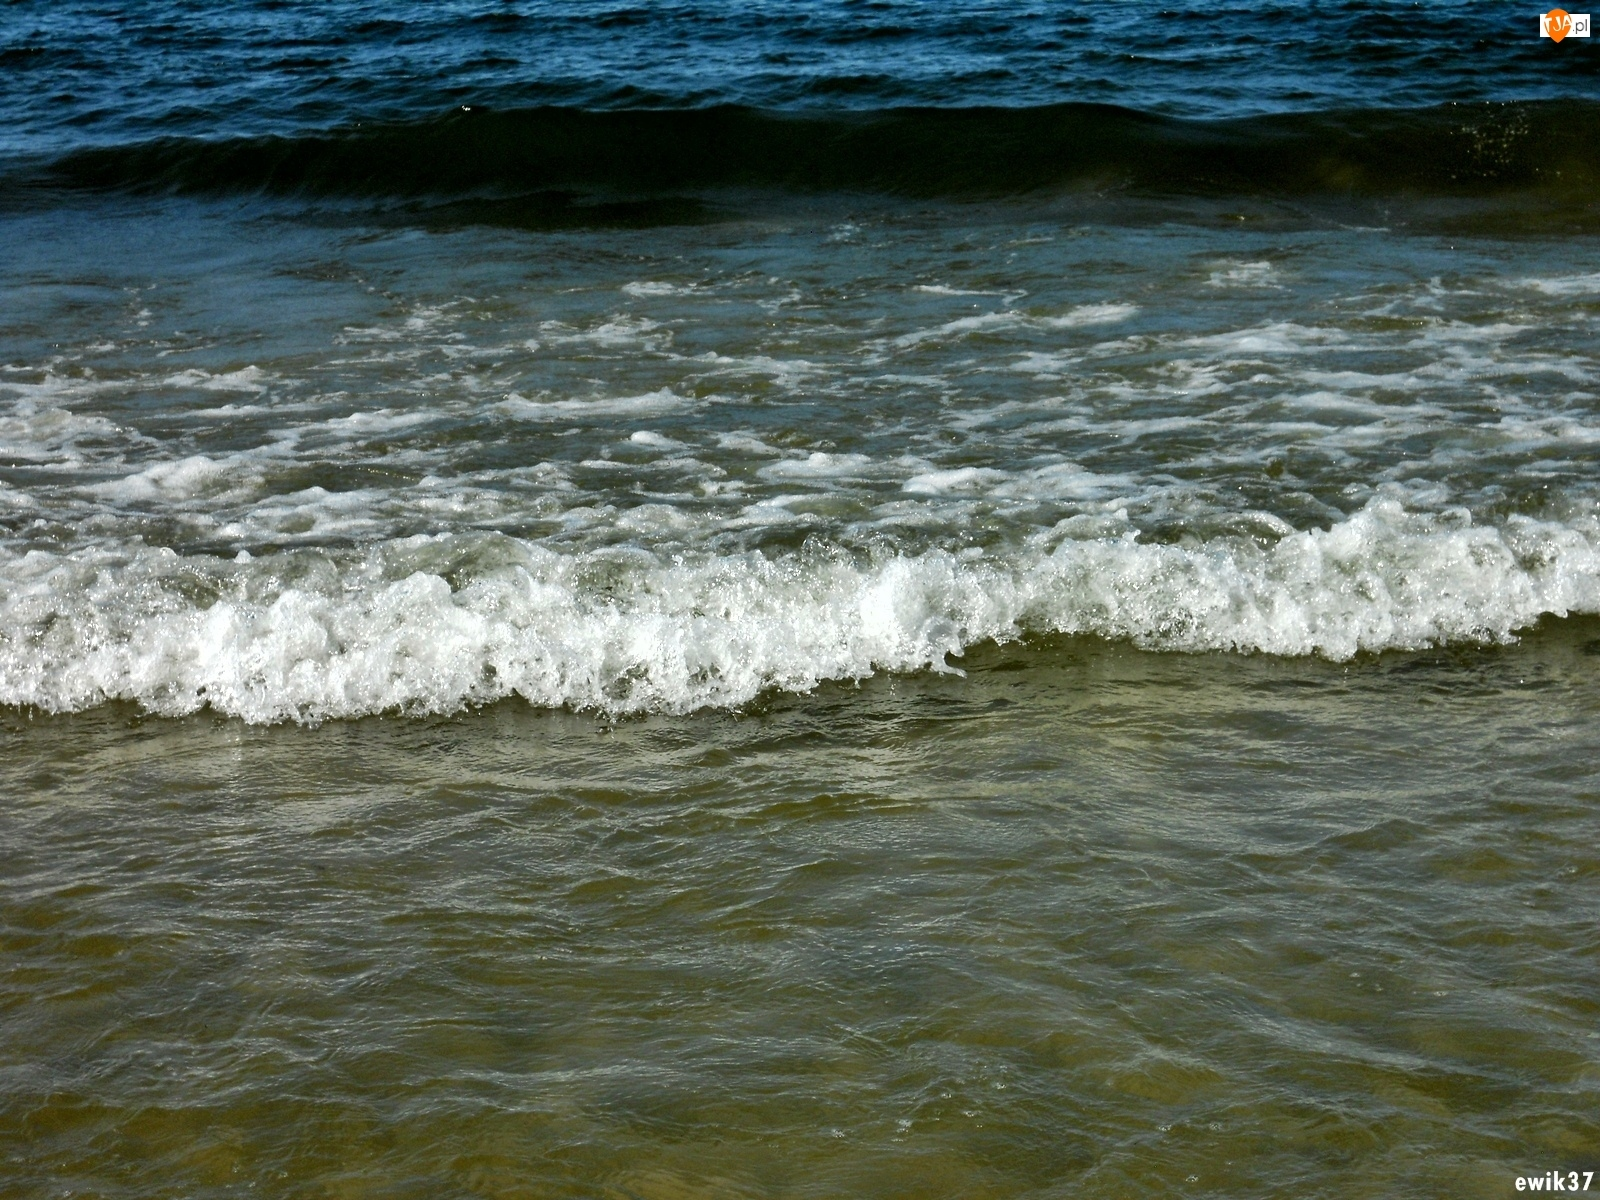 Fala, Morze, Spieniona